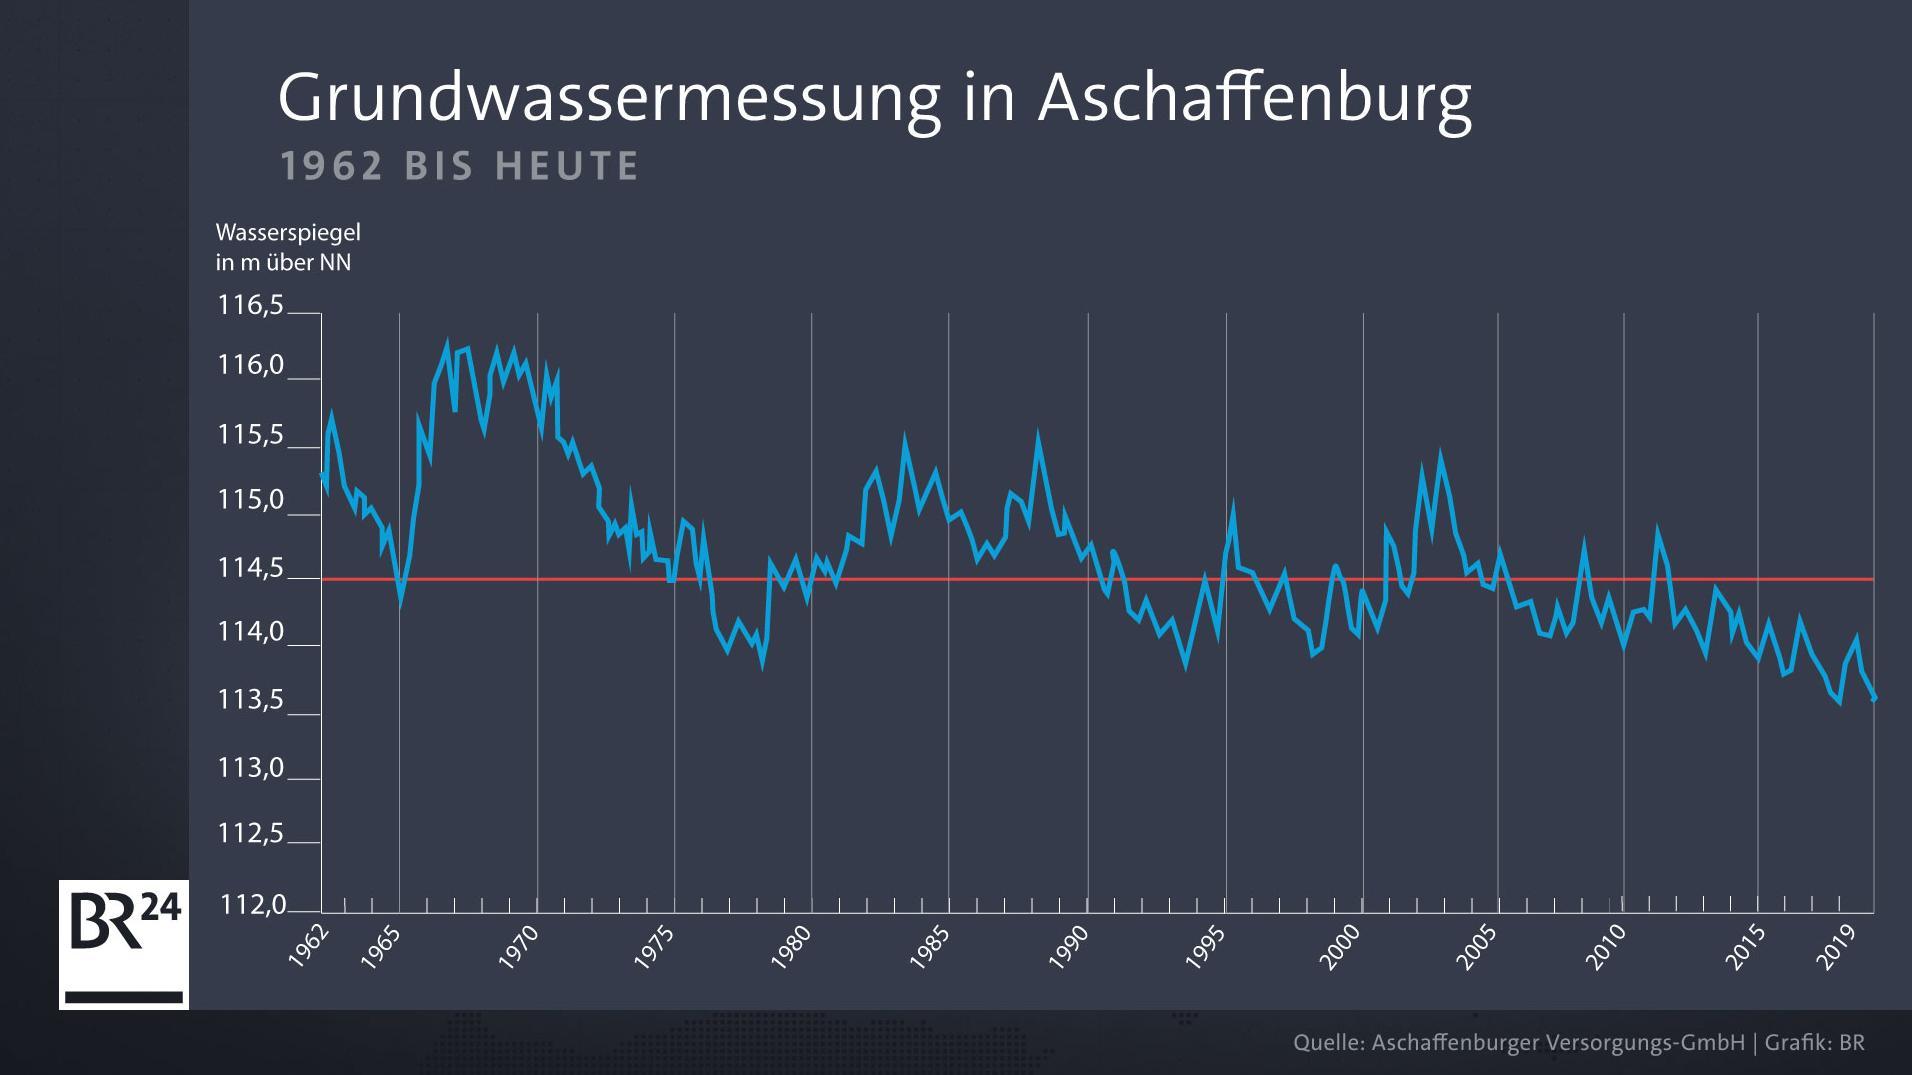 1962 bis heute: Grundwasser in Aschaffenburg